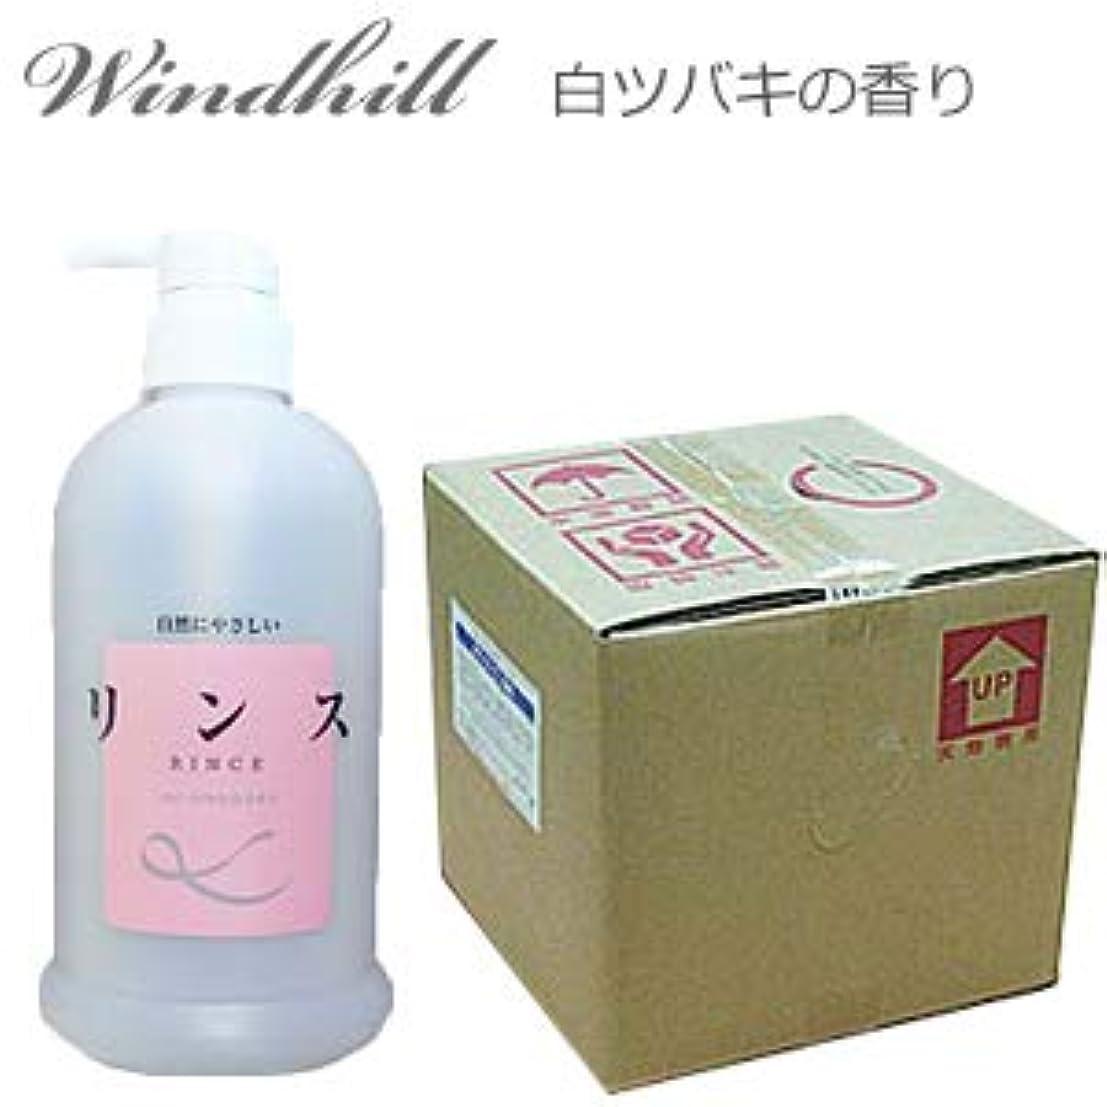 推進力店員不実なんと! 500ml当り175円 Windhill 植物性 業務用 リンス 白ツバキの香り 20L